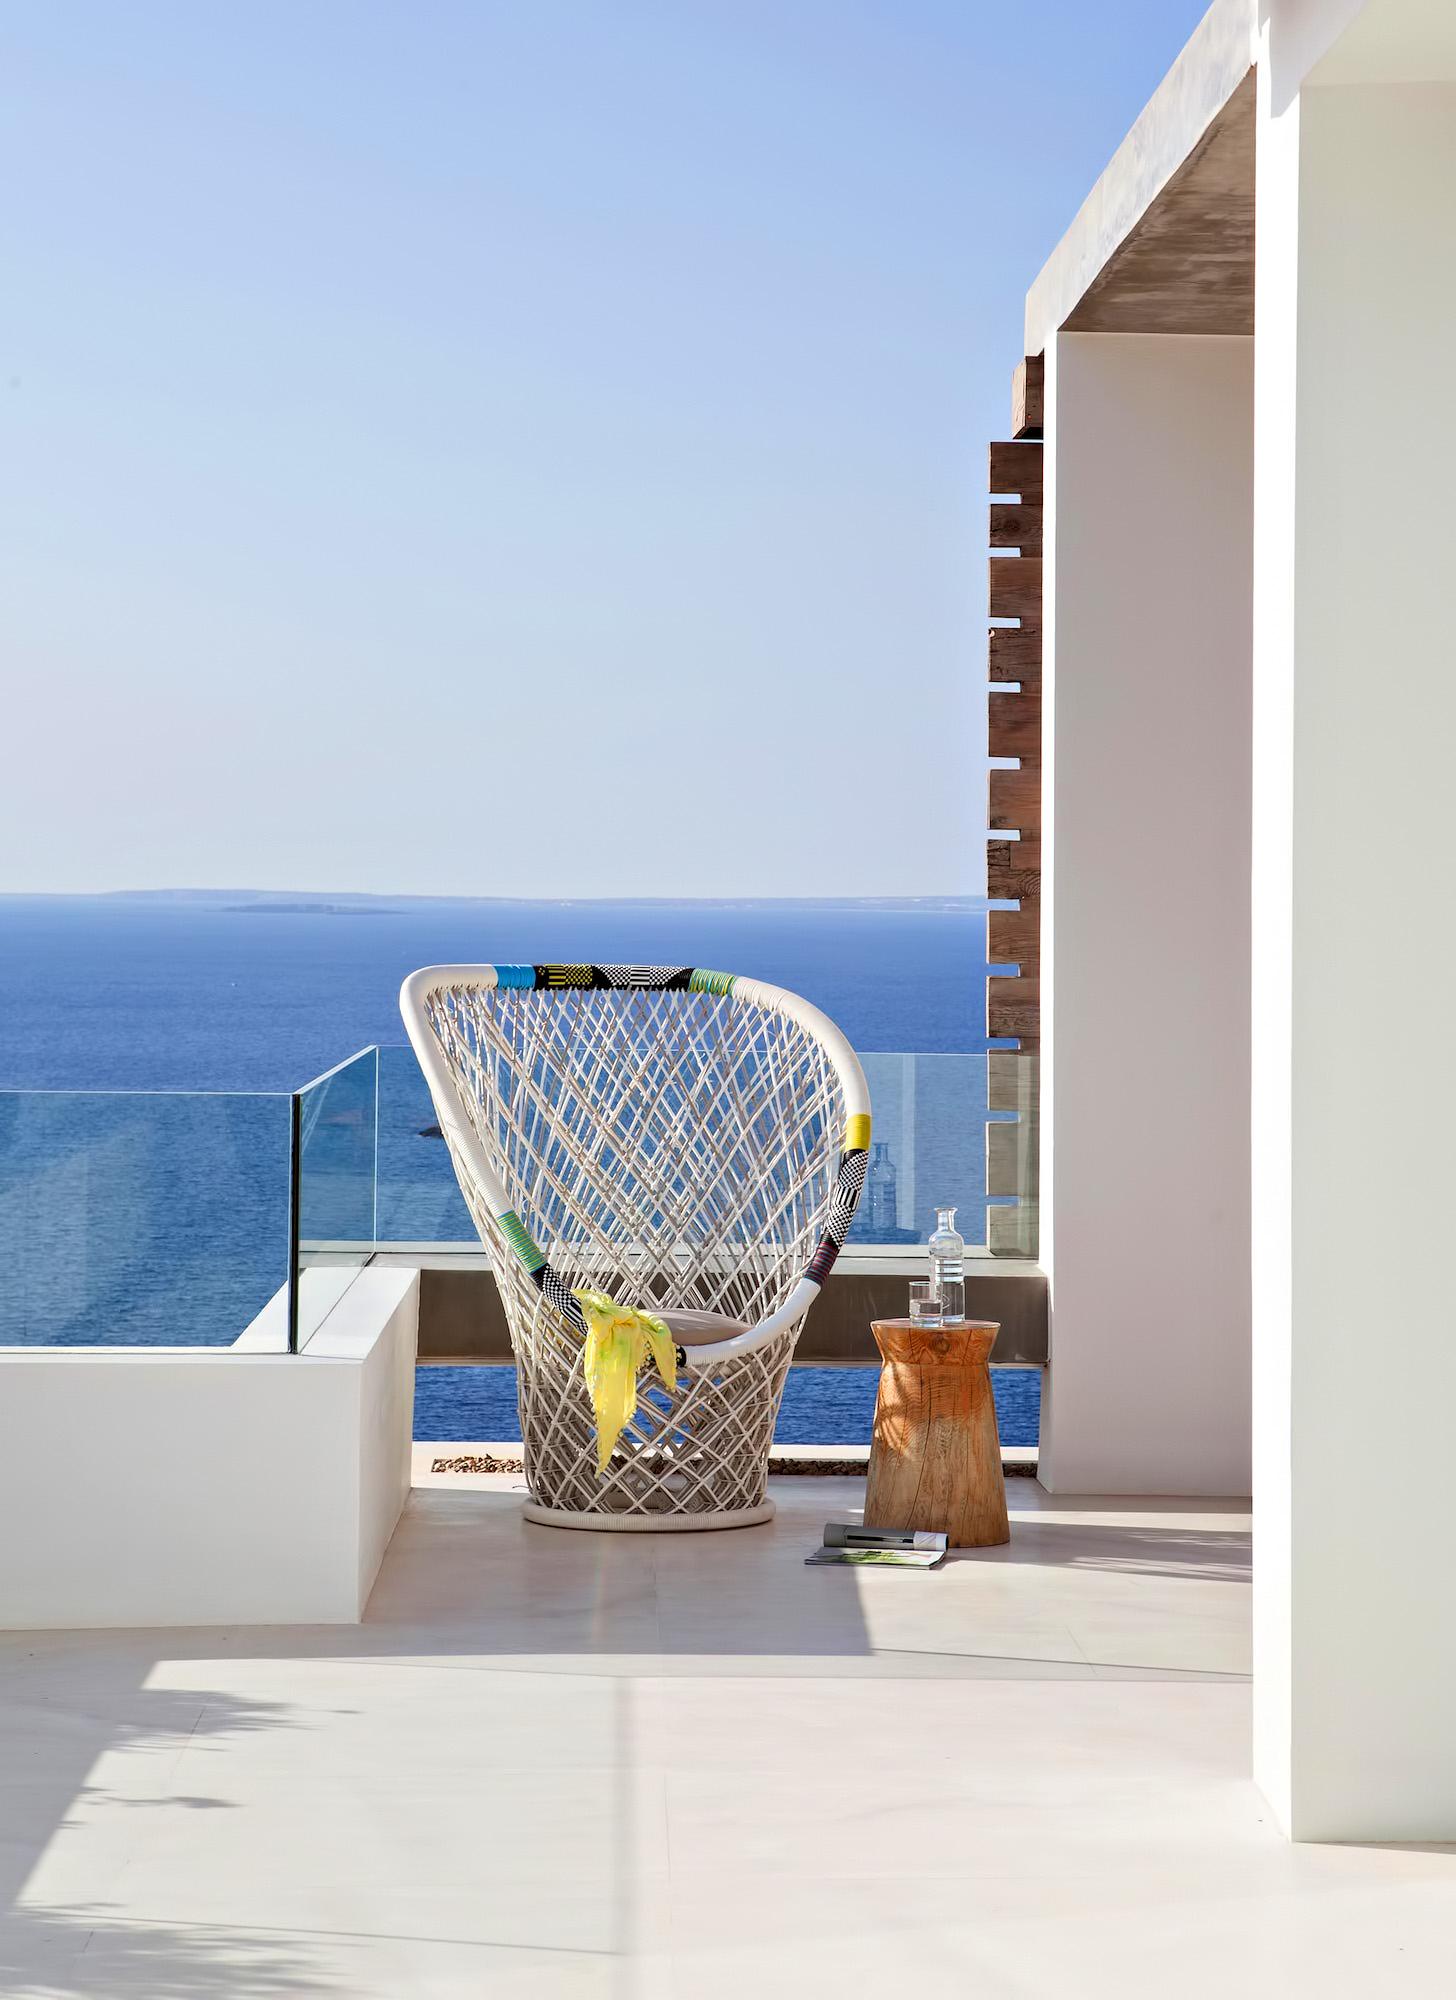 Roca Llisa Luxury Estate – Ibiza, Balearic Islands, Spain